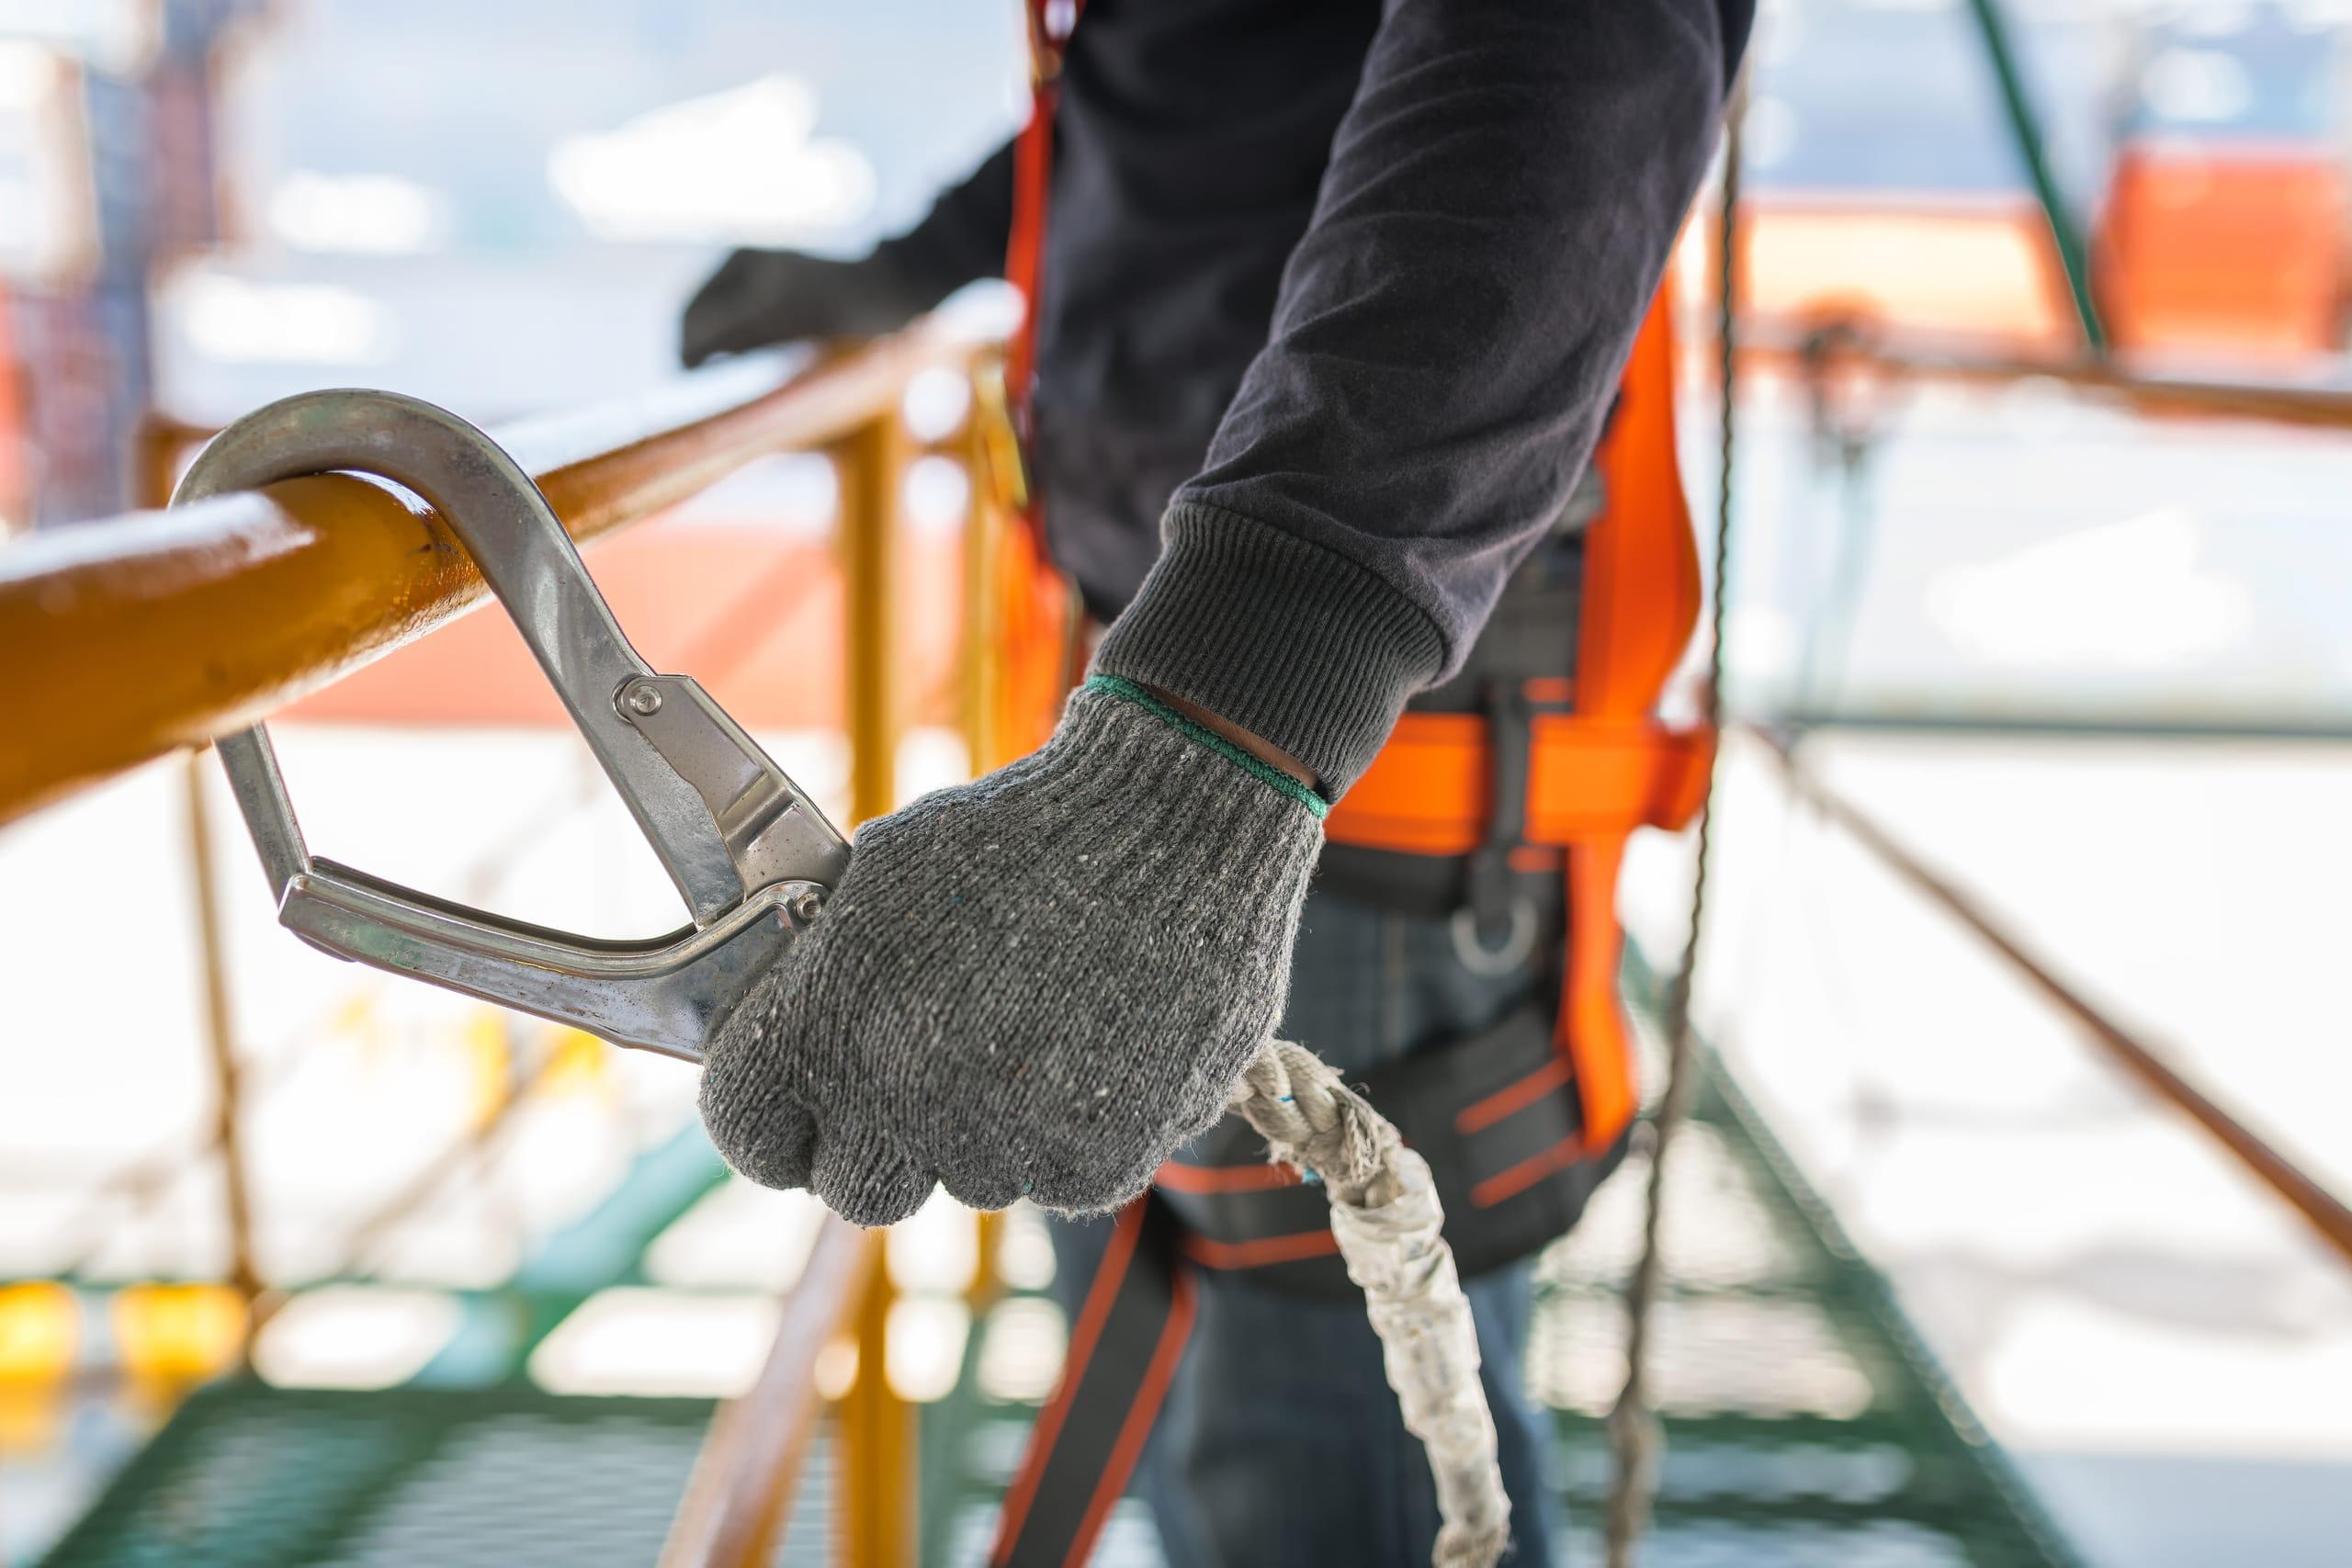 Fachkräftemangel gefährdet die Gesundheit von Handwerkern